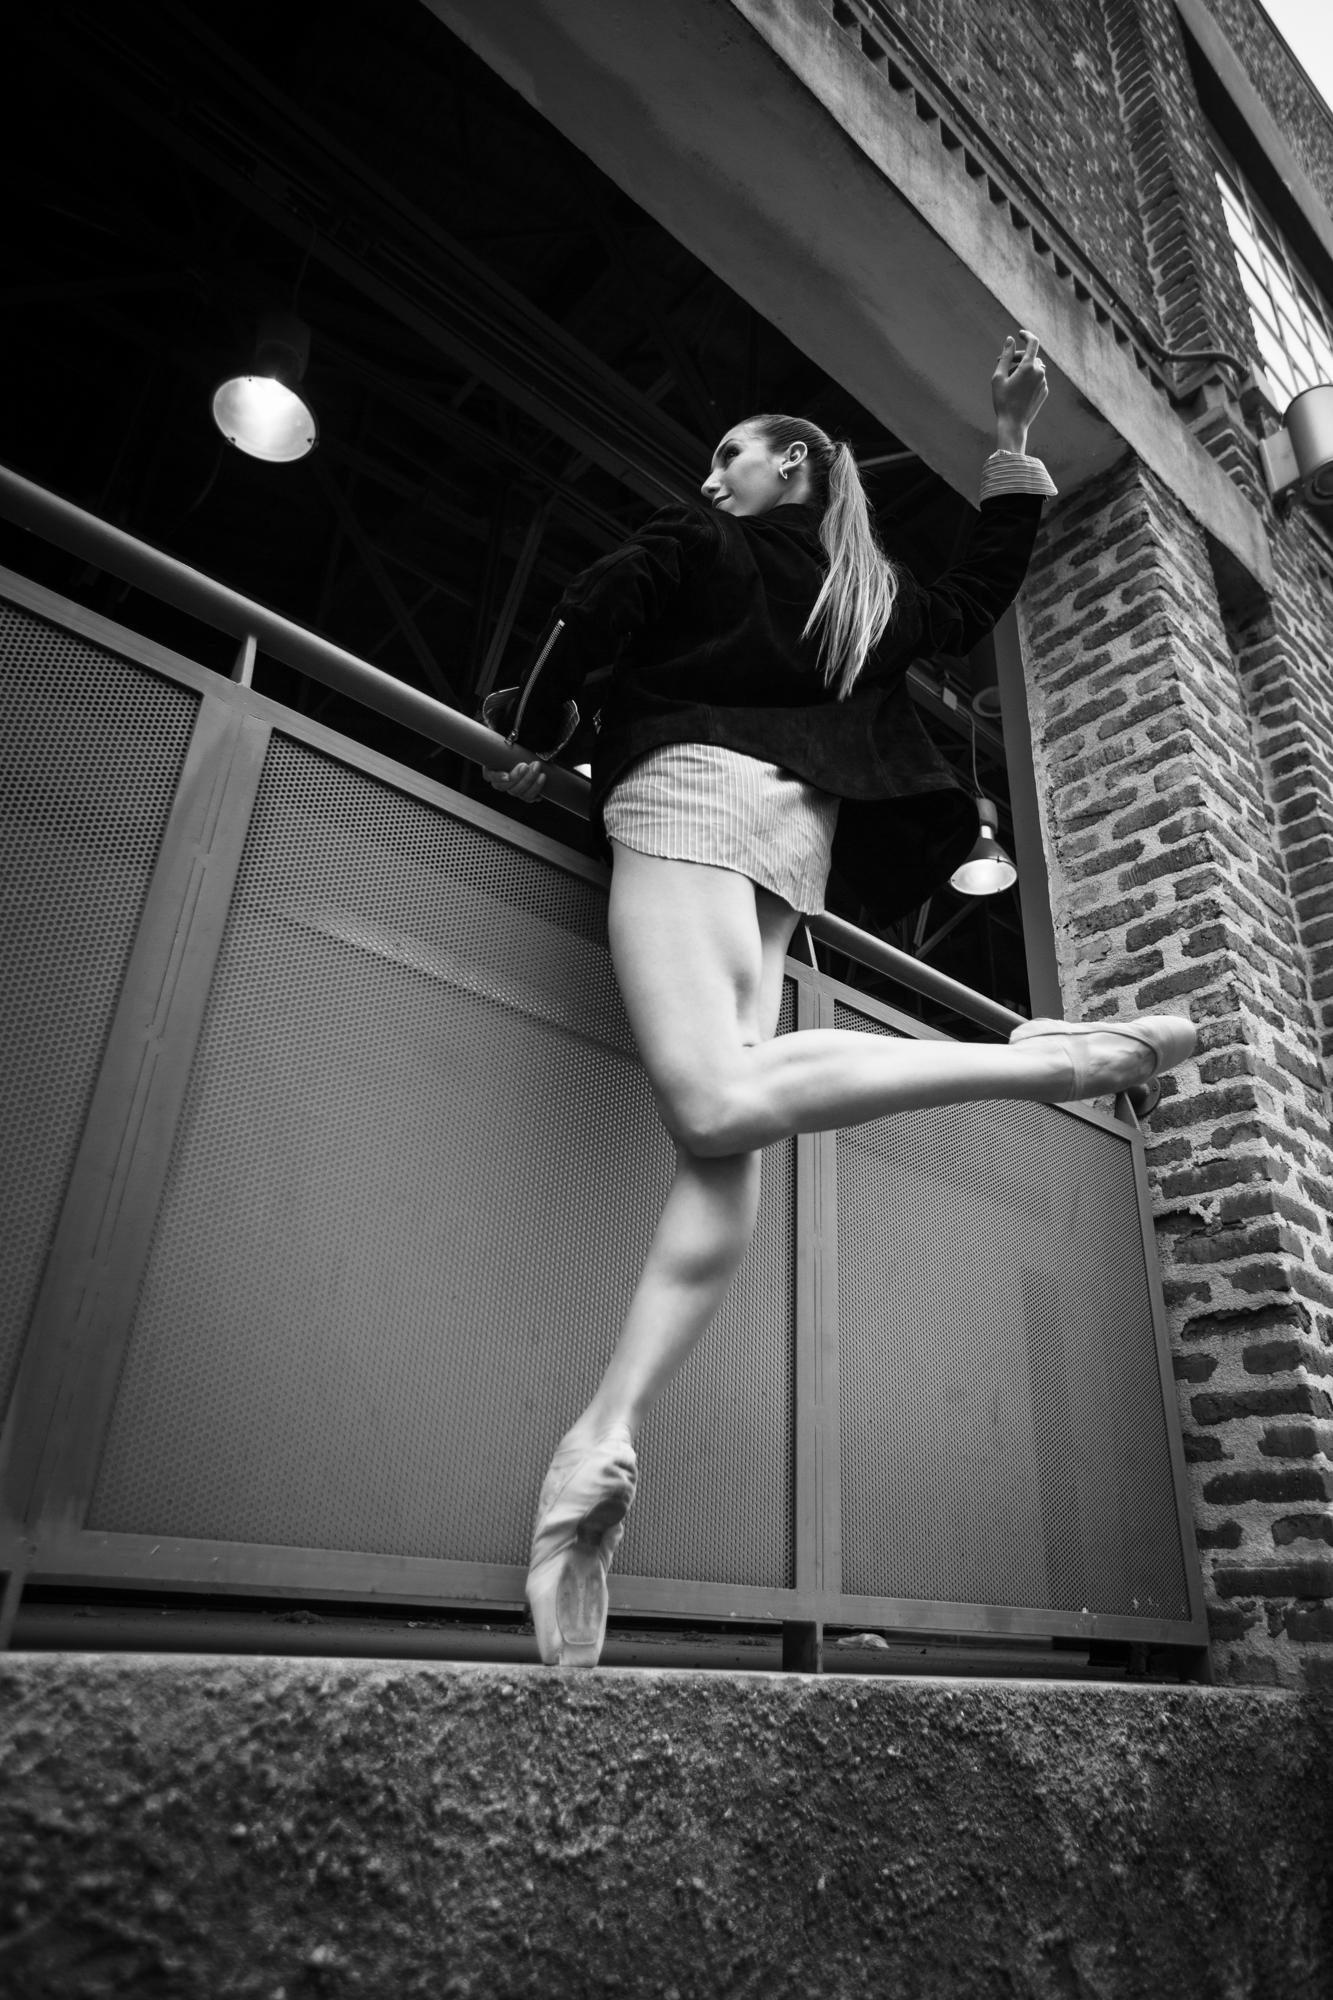 MariaCeleste_ballerina-3